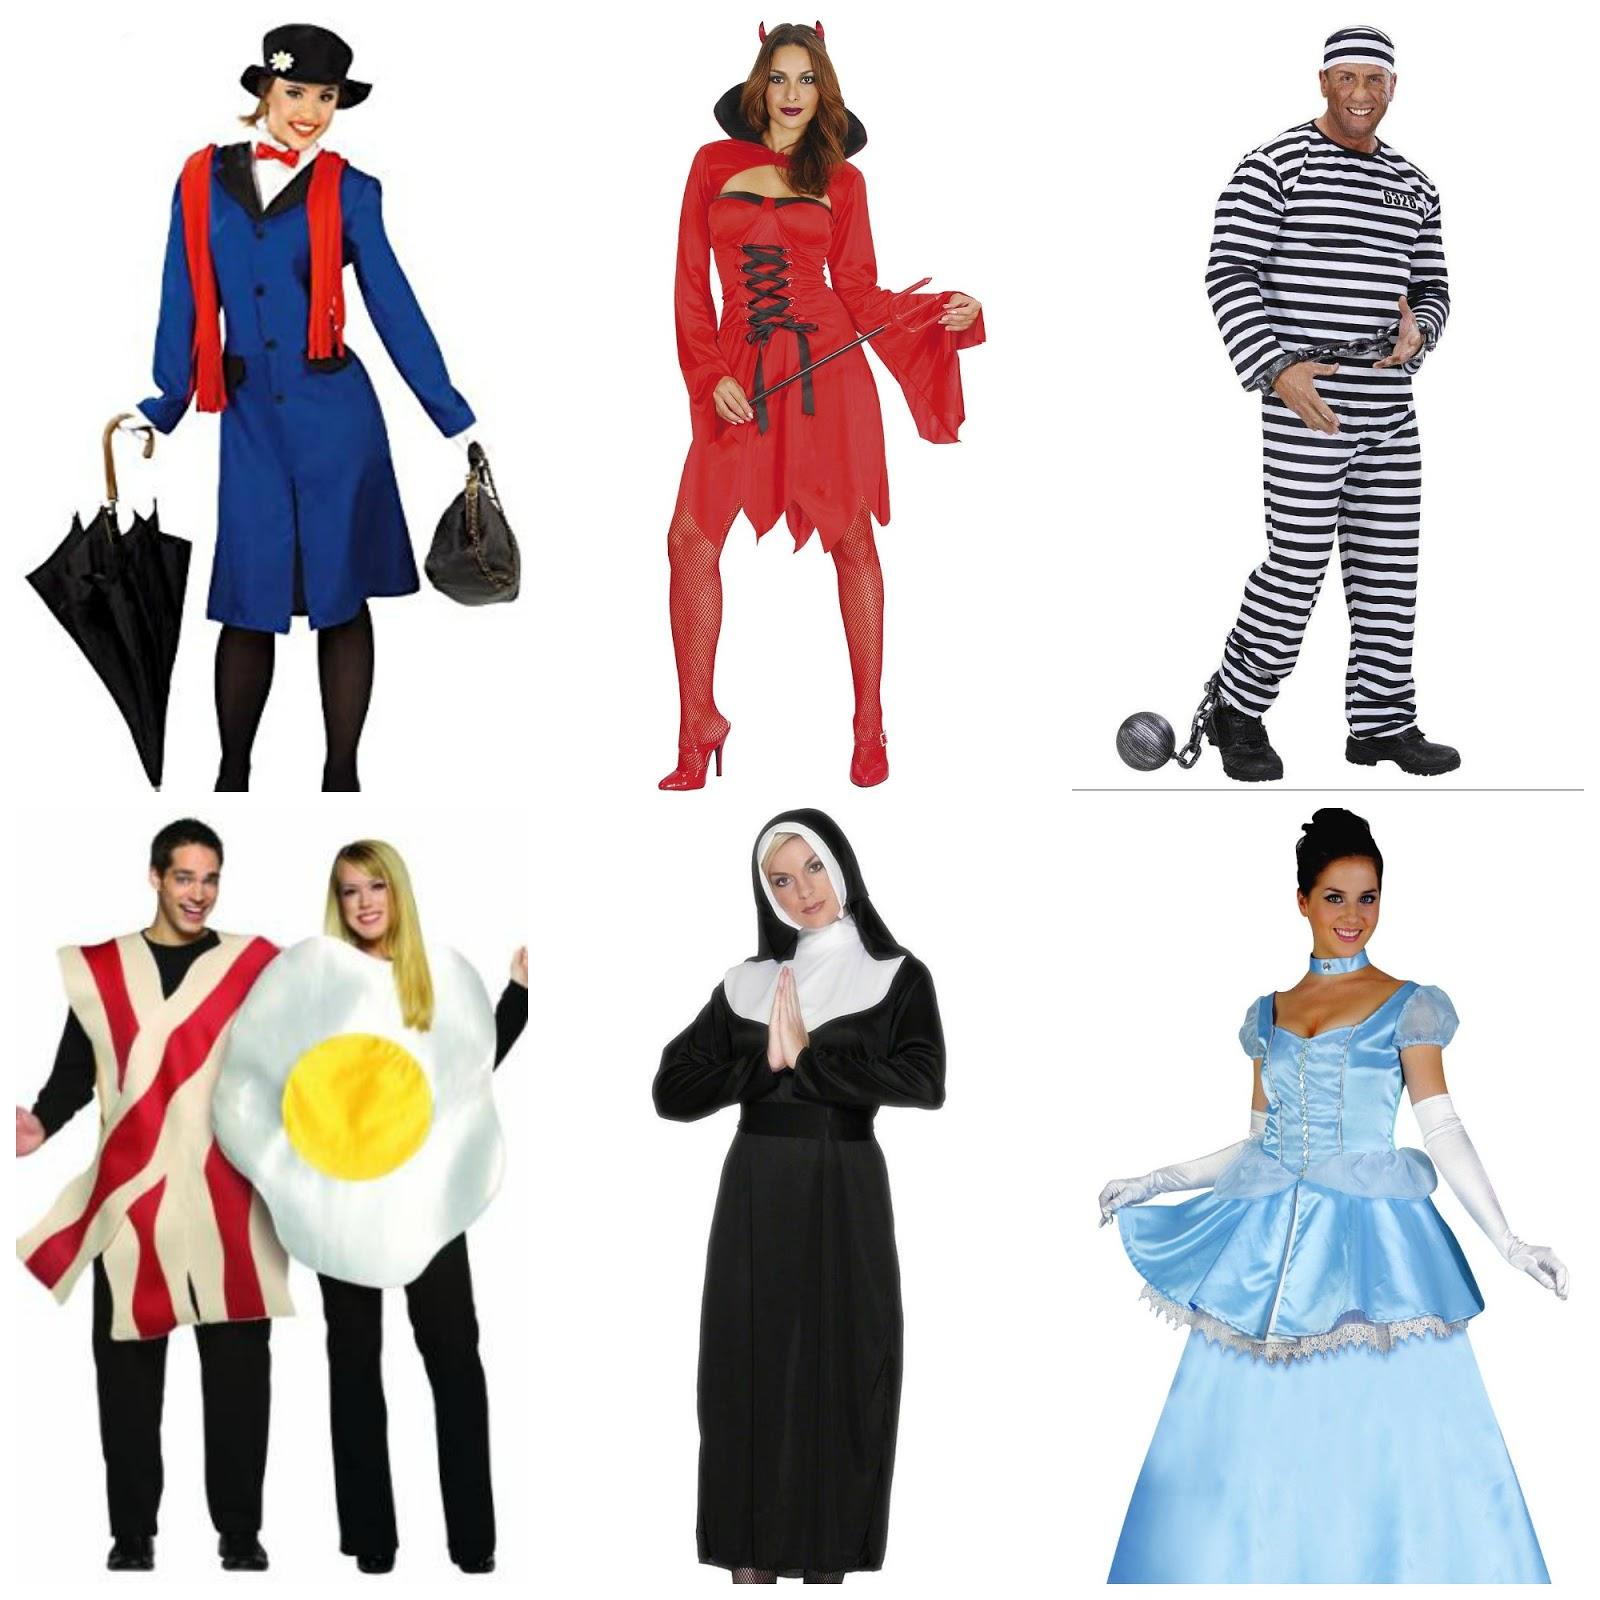 Nuovi Prodotti prezzo più basso con marchi riconosciuti 12 Costumi di Carnevale fai da te facilissimi e low cost per ...